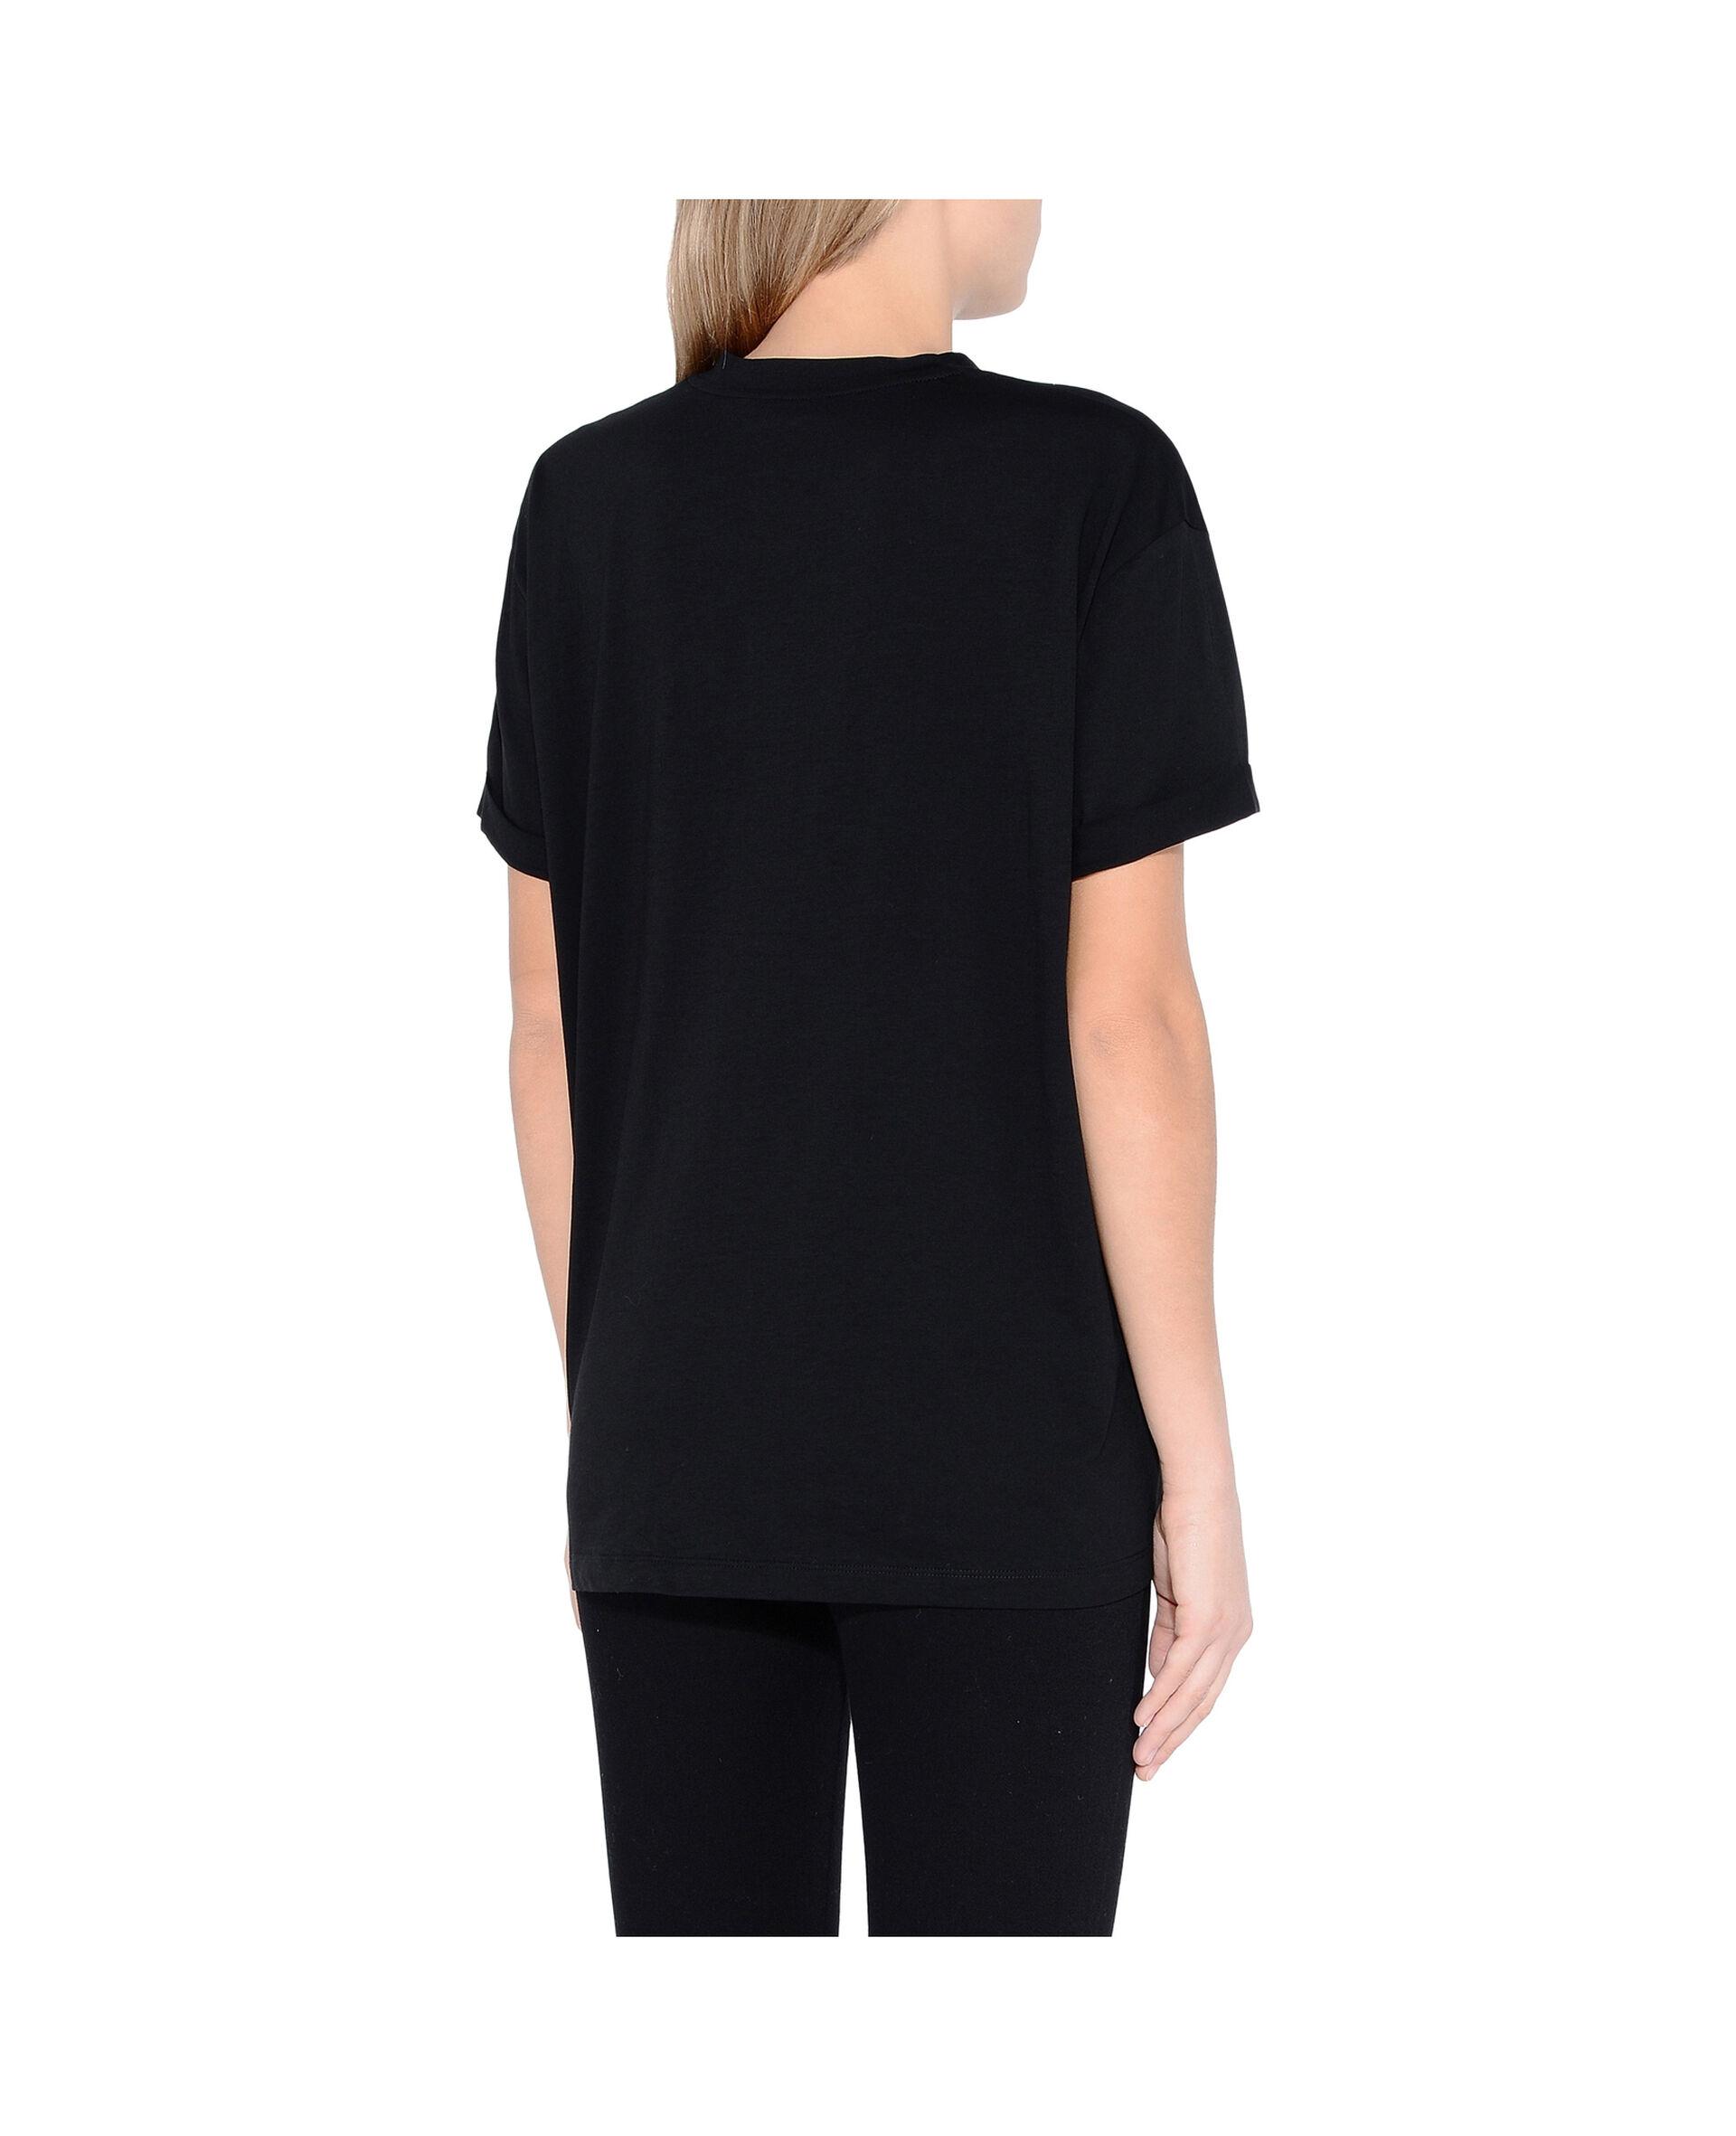 Ministar T-shirt-Black-large image number 2